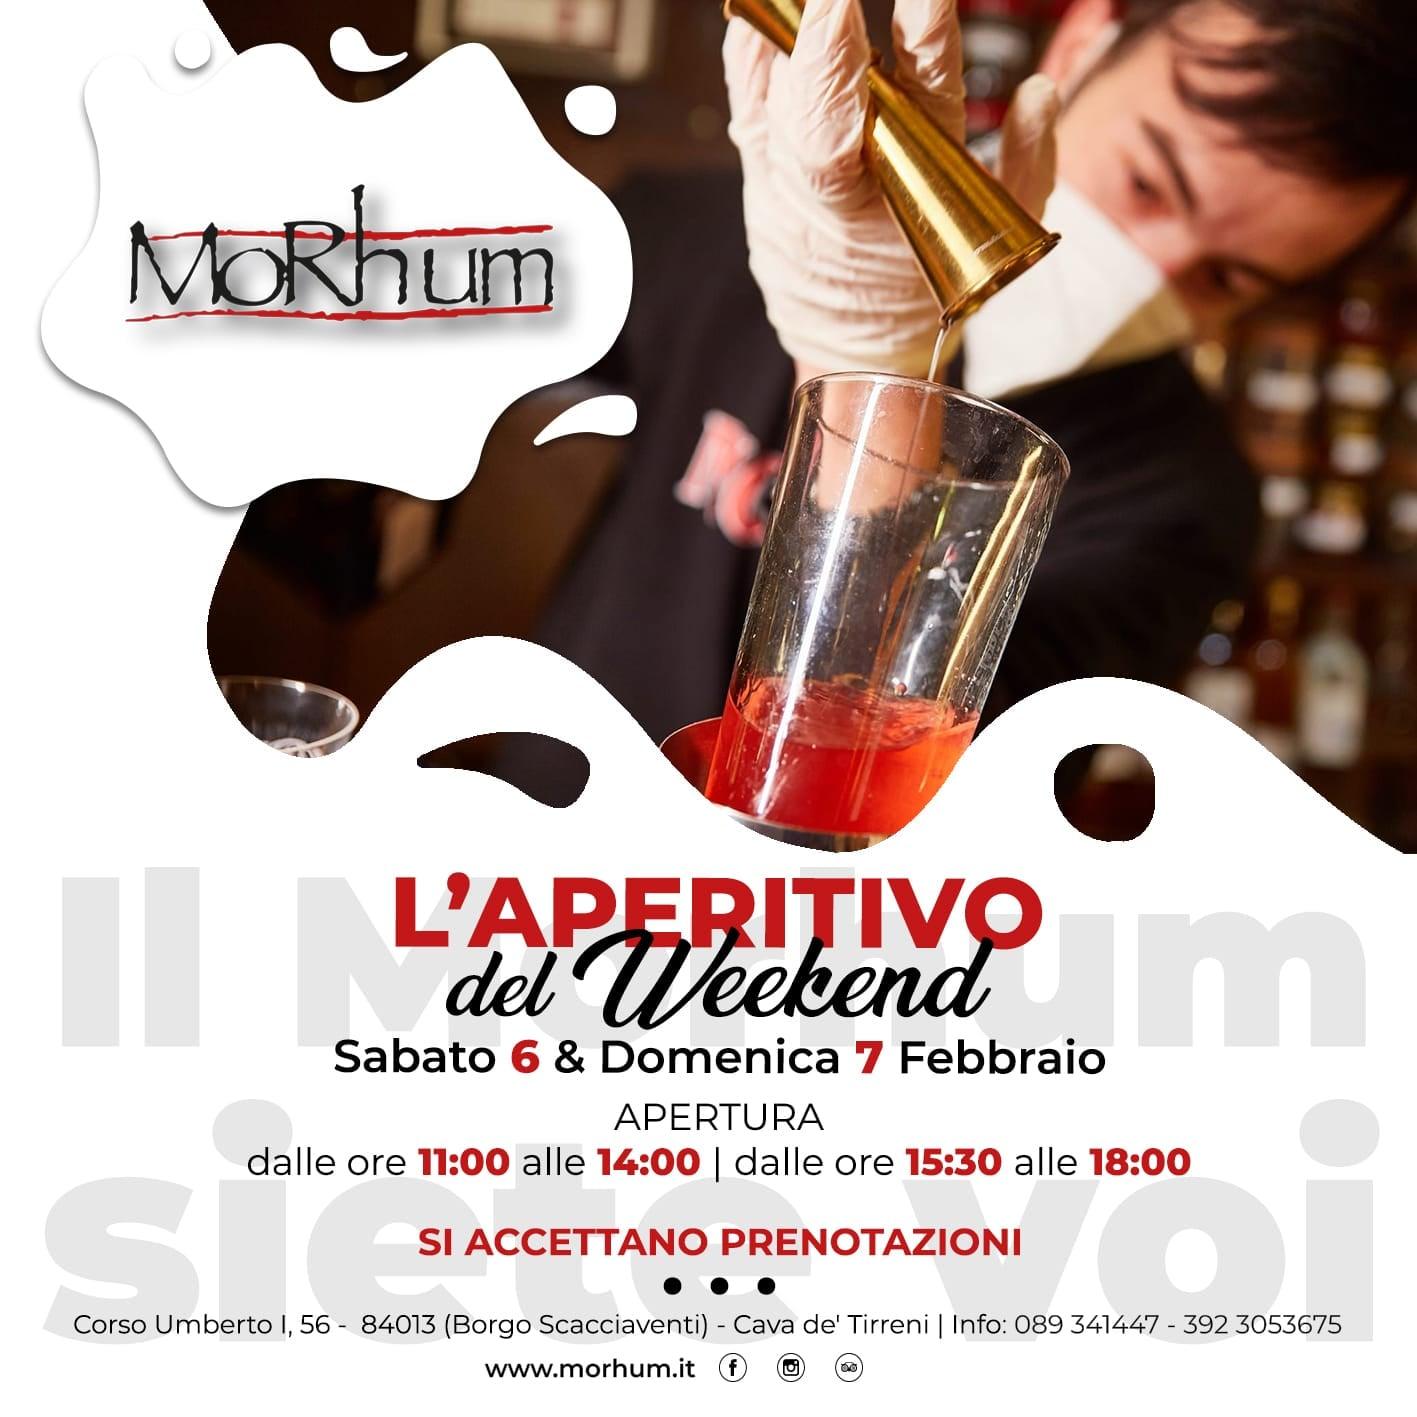 Morhum e DAM – L'APERITIVO DEL WEEKEND